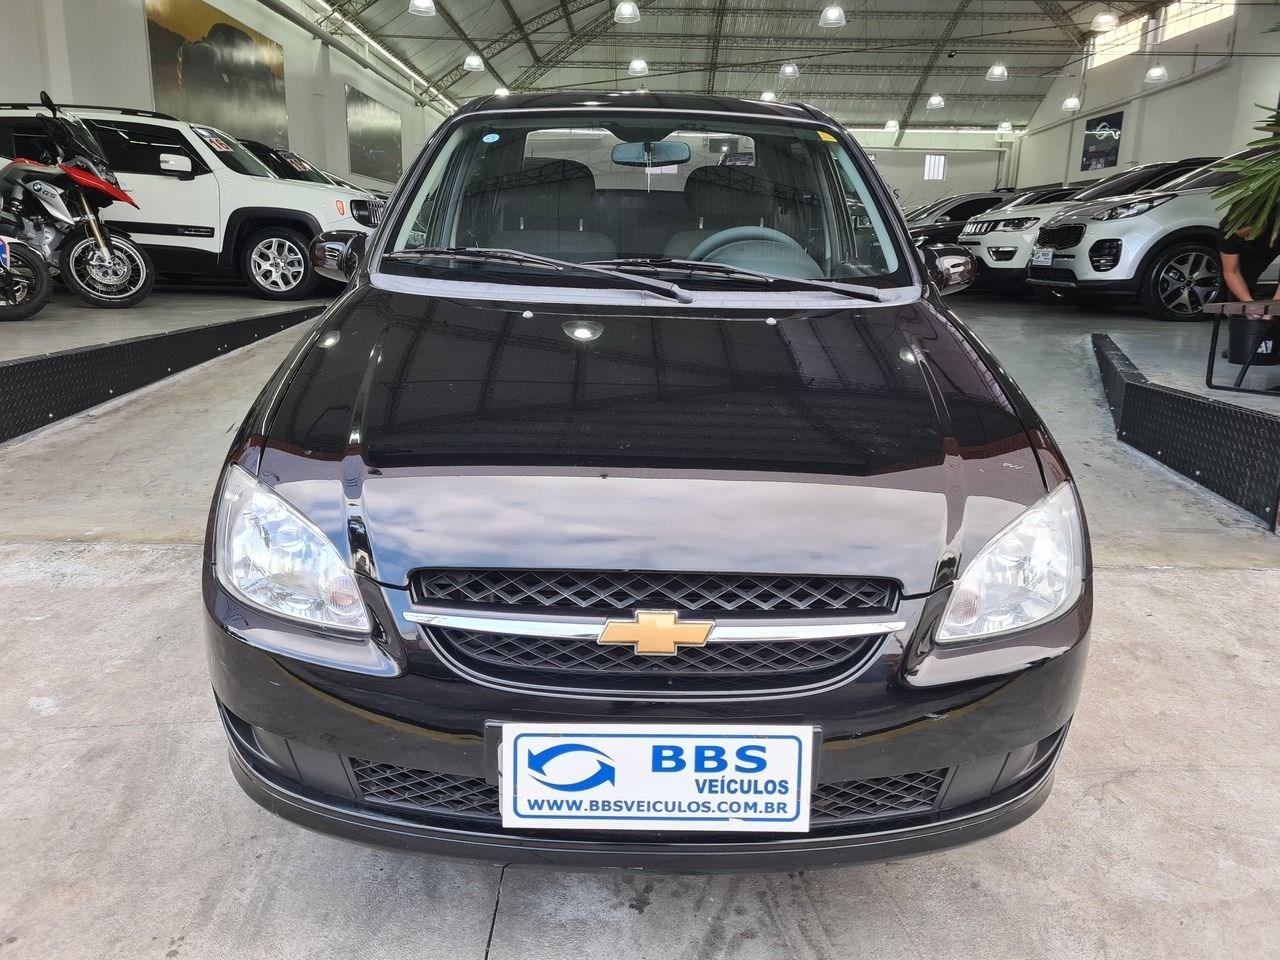 //www.autoline.com.br/carro/chevrolet/classic-10-ls-8v-flex-4p-manual/2014/sao-paulo-sp/14521243